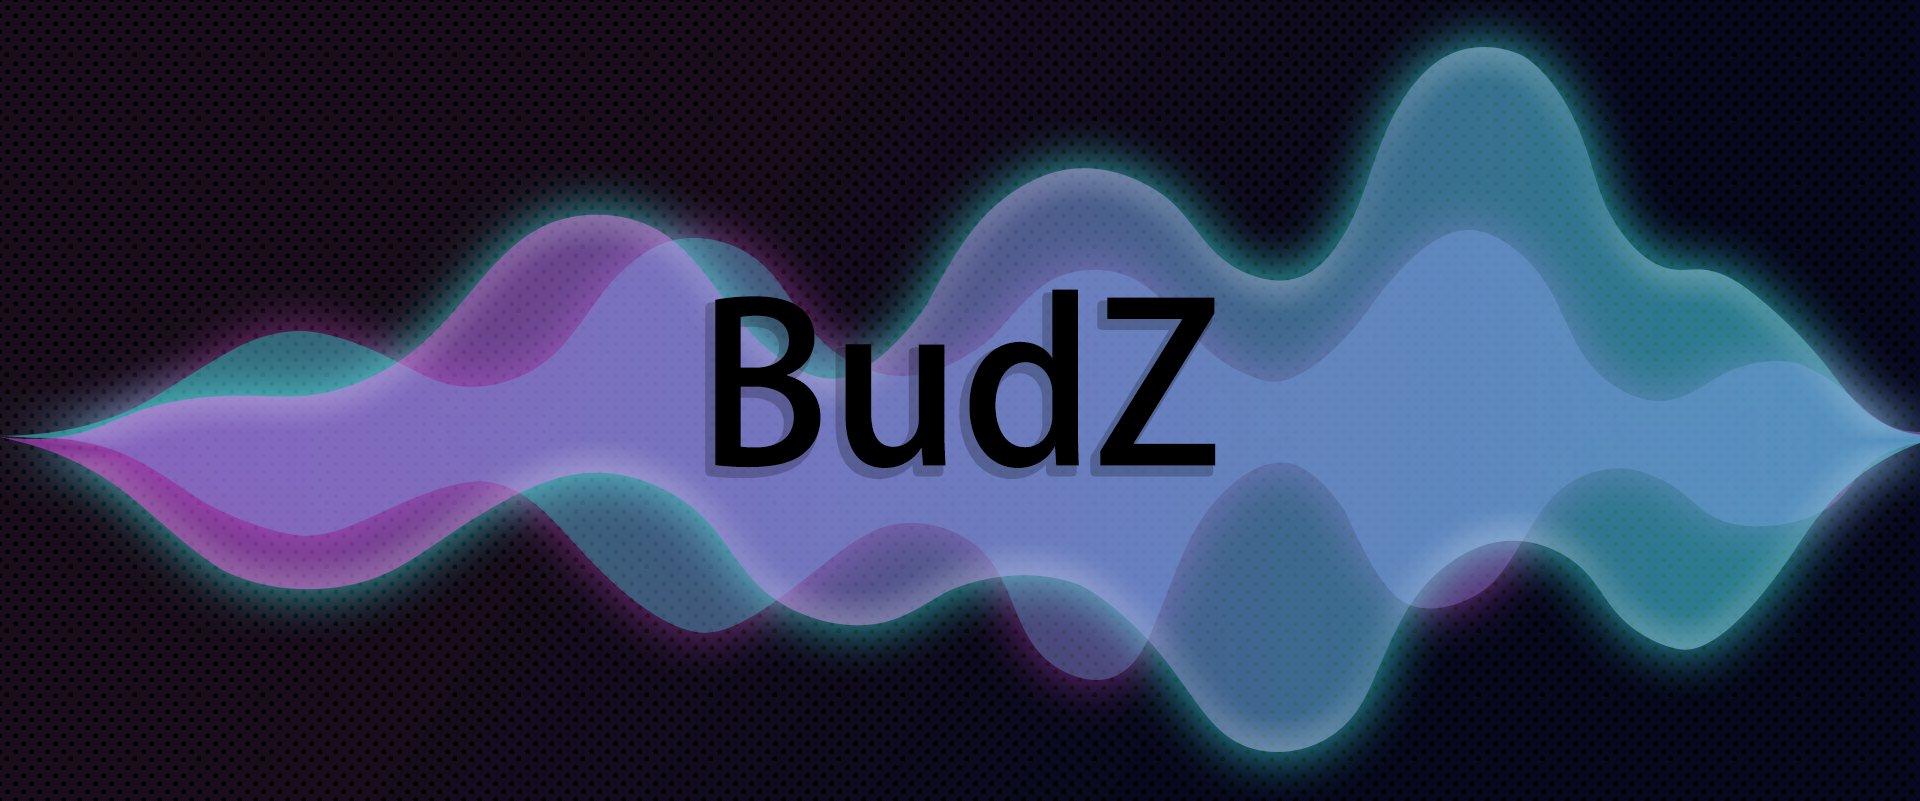 Инсайдер: OnePlus выпустит бюджетные TWS-наушники Buds Z с ценником меньше $80